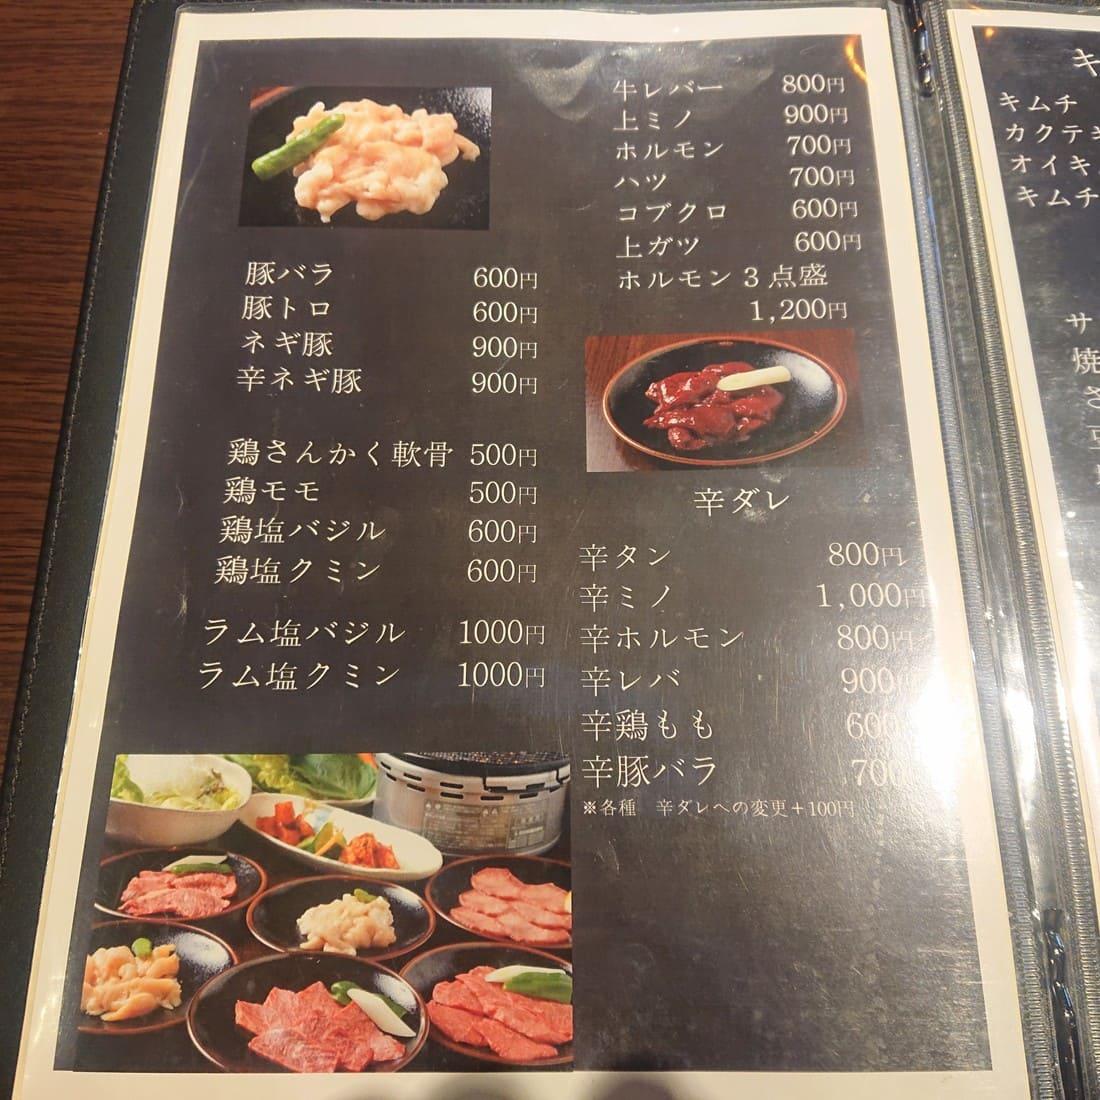 豚肉・鶏肉メニュー